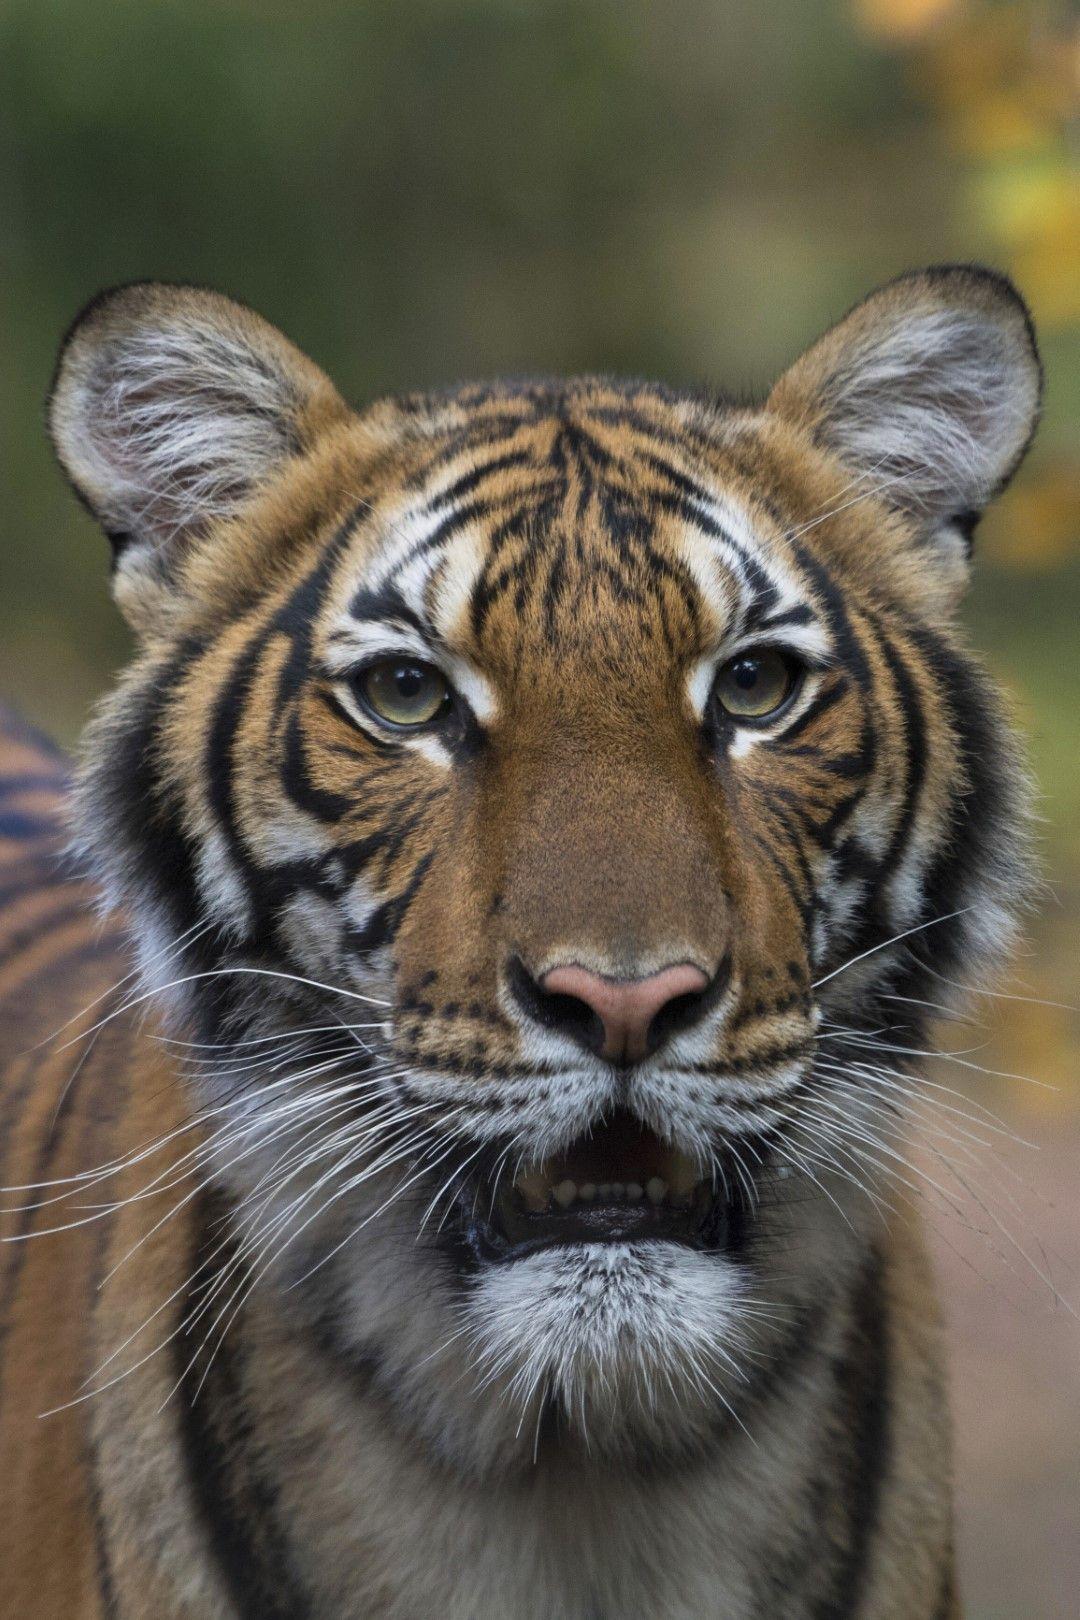 Тигрицата Надя от зологическата градина в Бронкс, Ню Йорк, е заразена с новия коронавирус